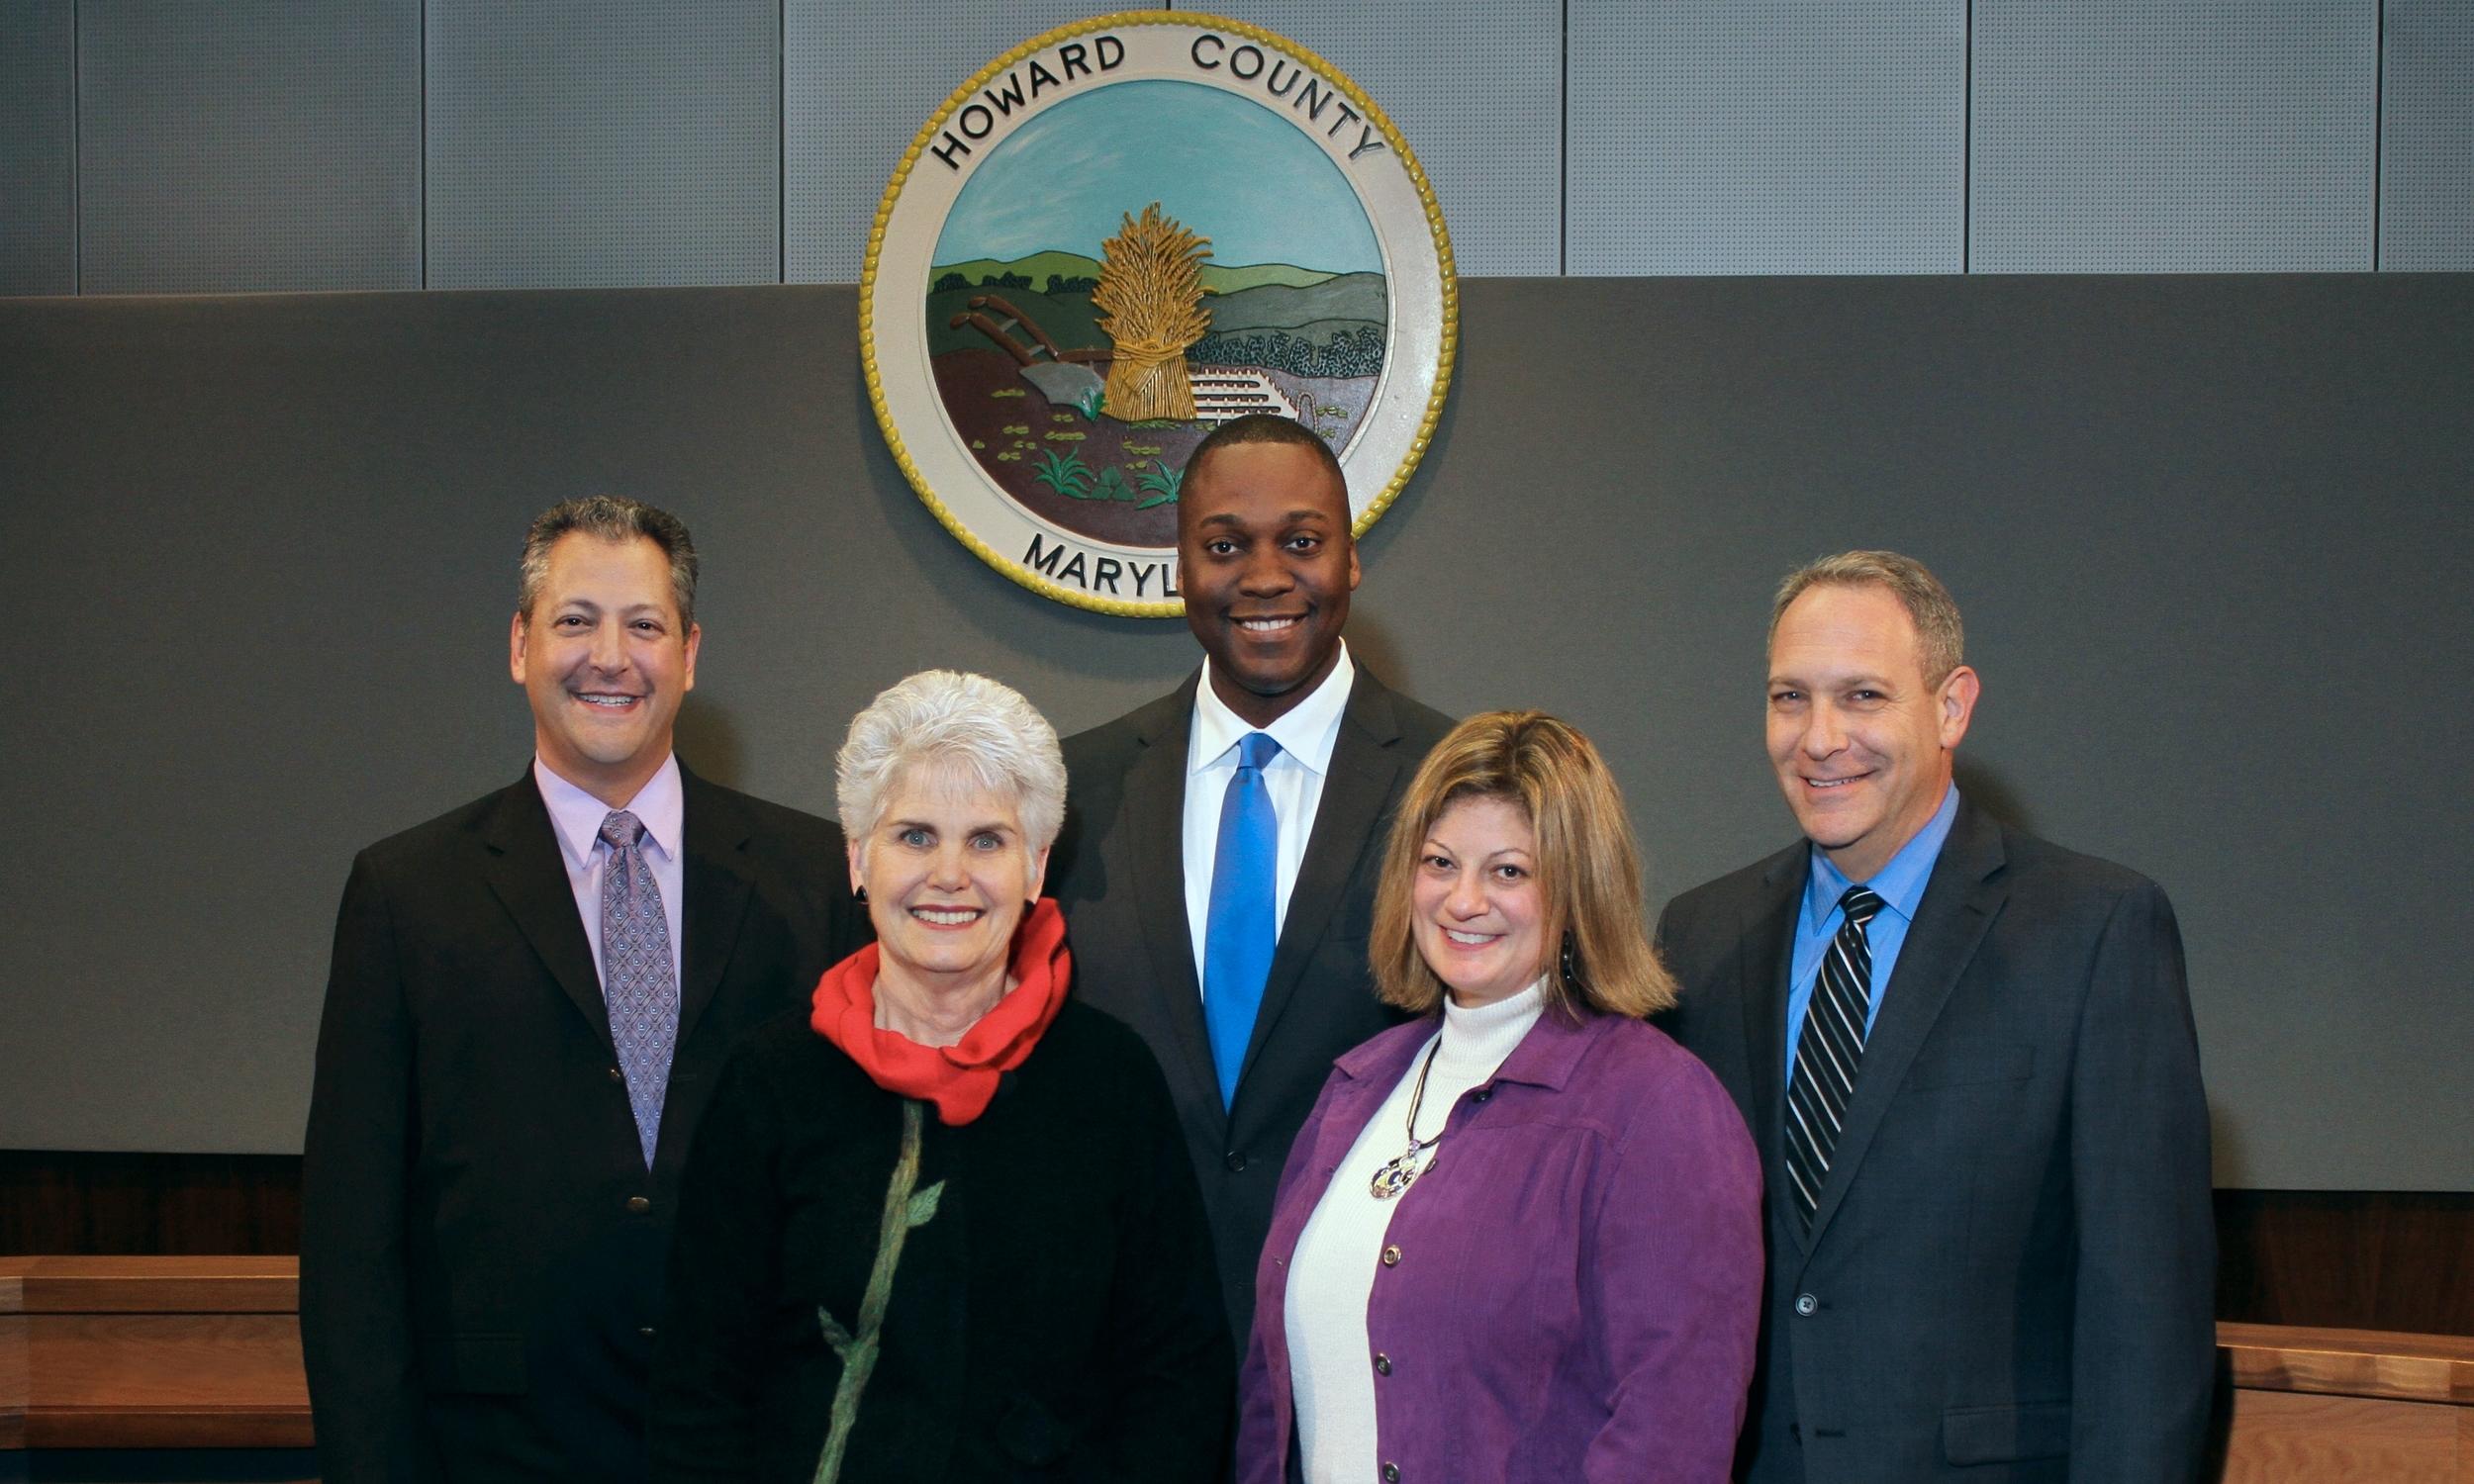 Howard County Council, from left to right: Greg Fox, Mary Kay Sigaty, Calvin Ball, Jen Terrasa, Calvin Ball, Jon EINSTEIN